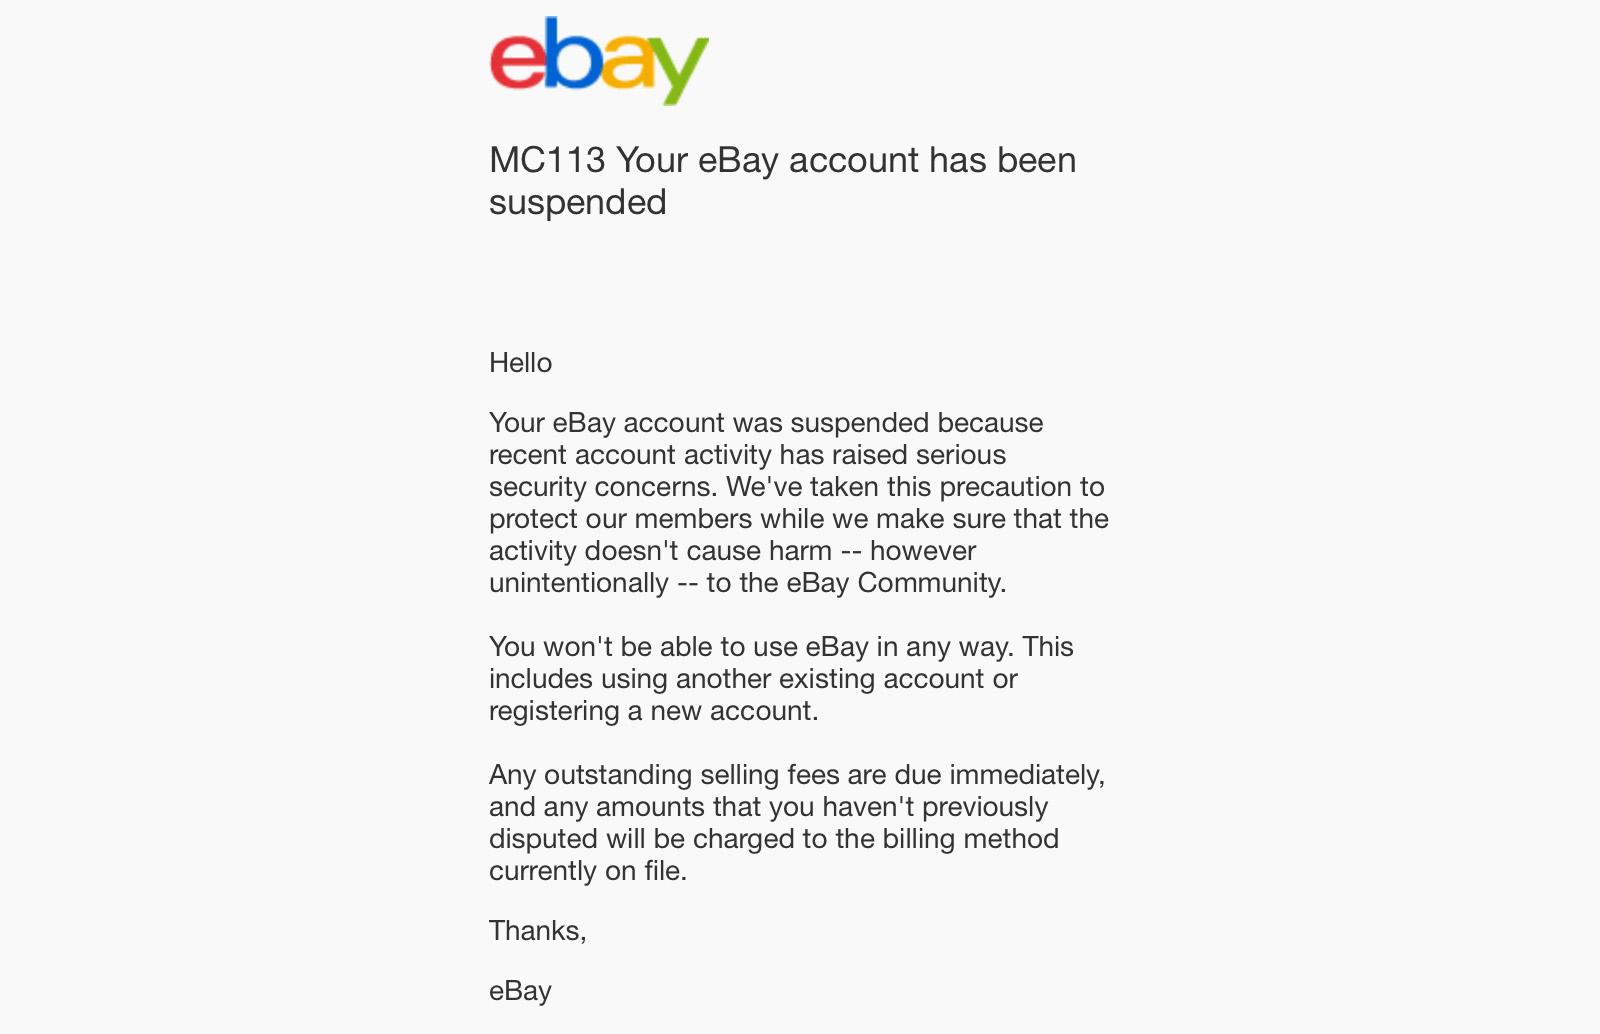 ebay suspended mc113 example